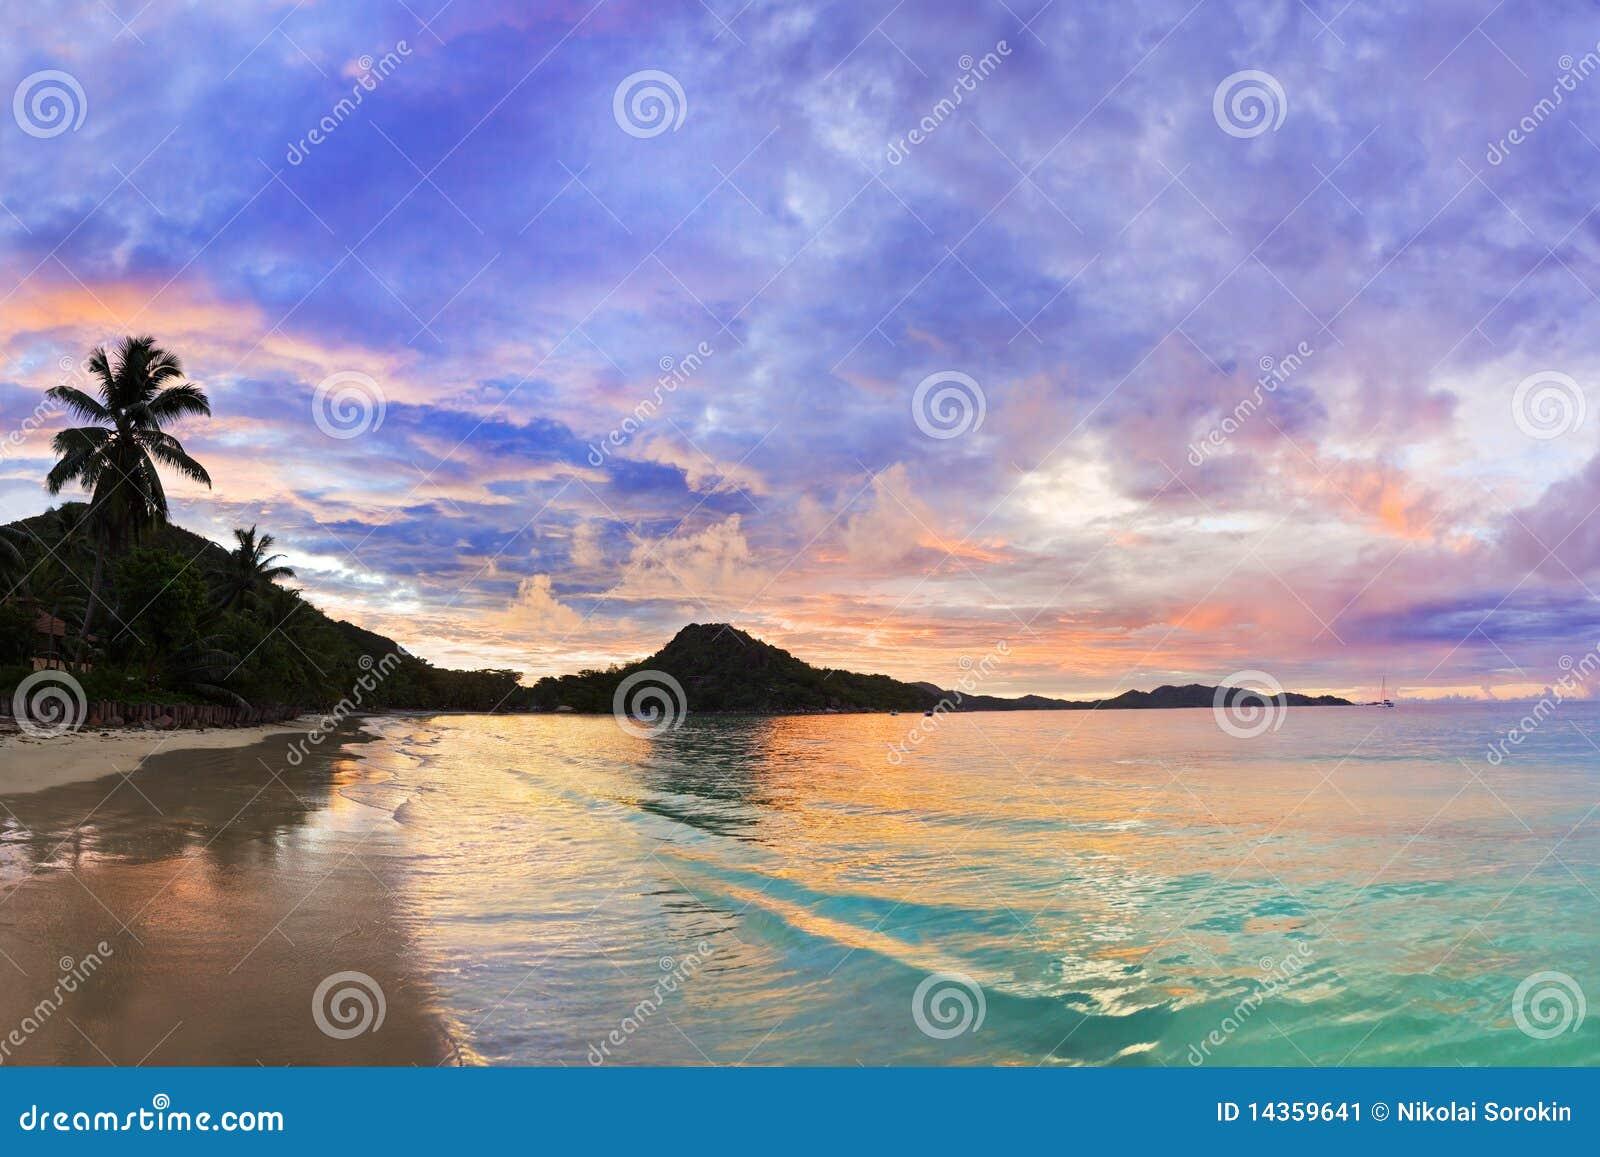 海滩热带棚d塞舌尔群岛的日落